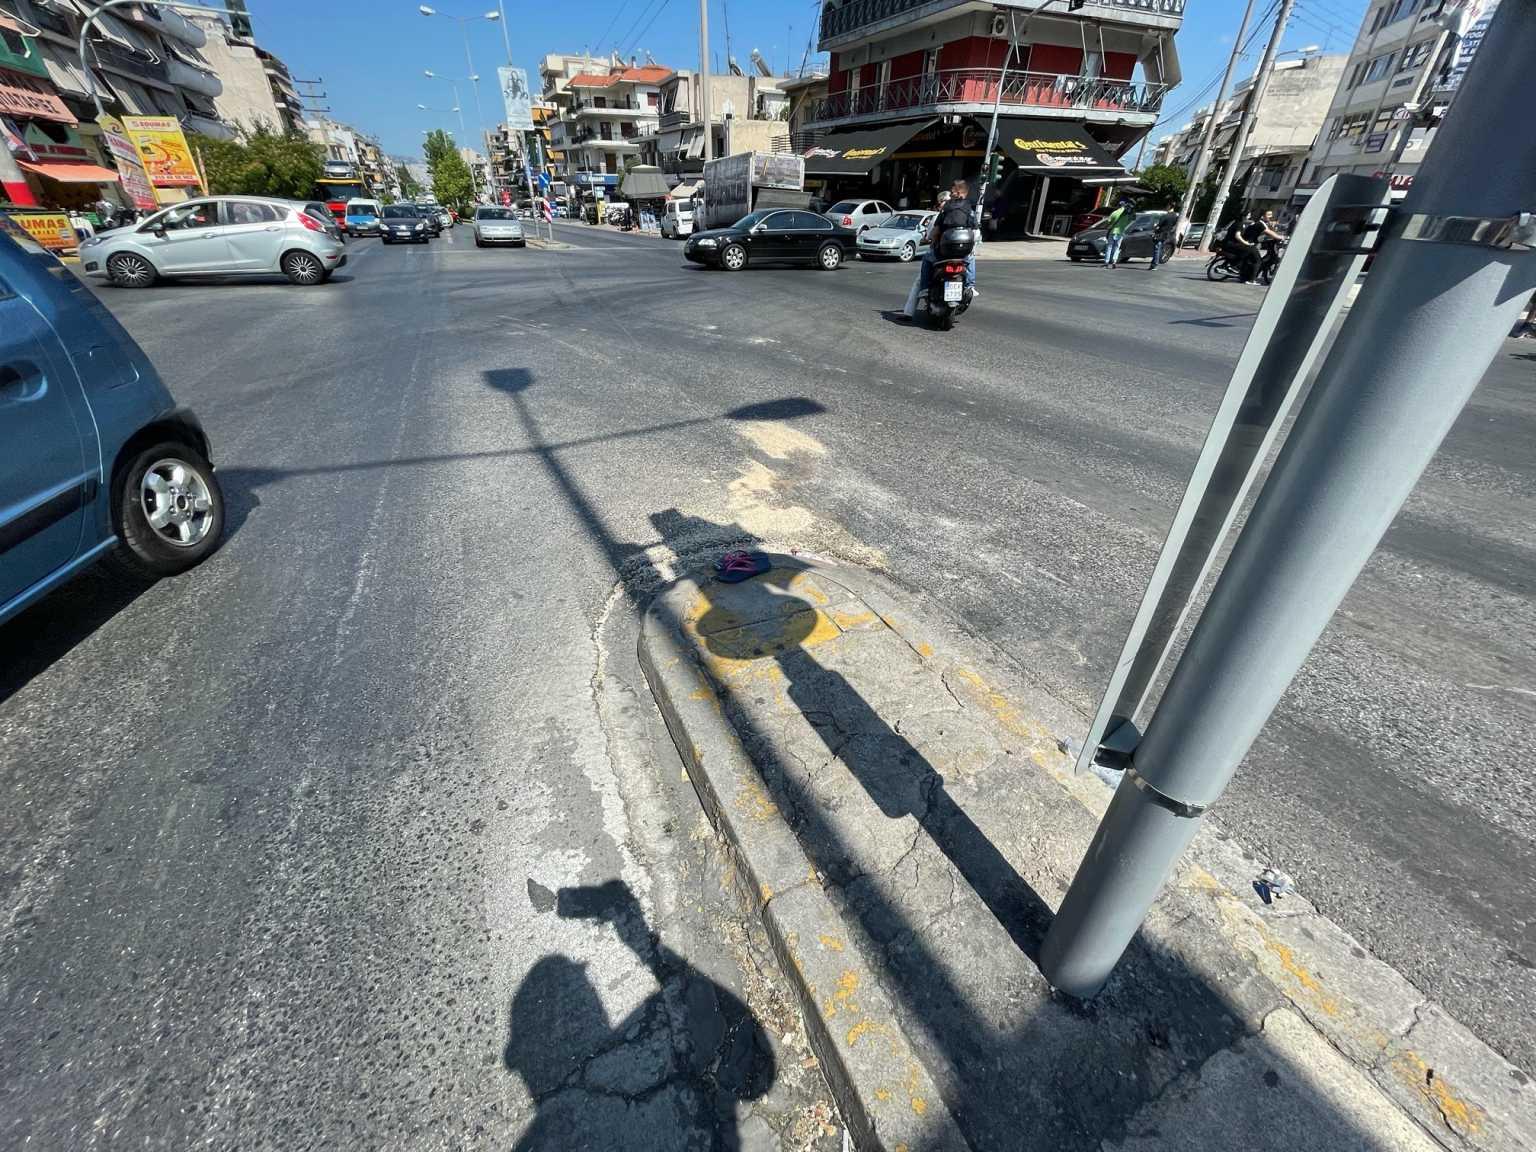 Νίκαια: Τραγική ειρωνεία – Ο πατέρας διασταυρώθηκε με το ασθενοφόρο του παιδιού χωρίς να το ξέρει